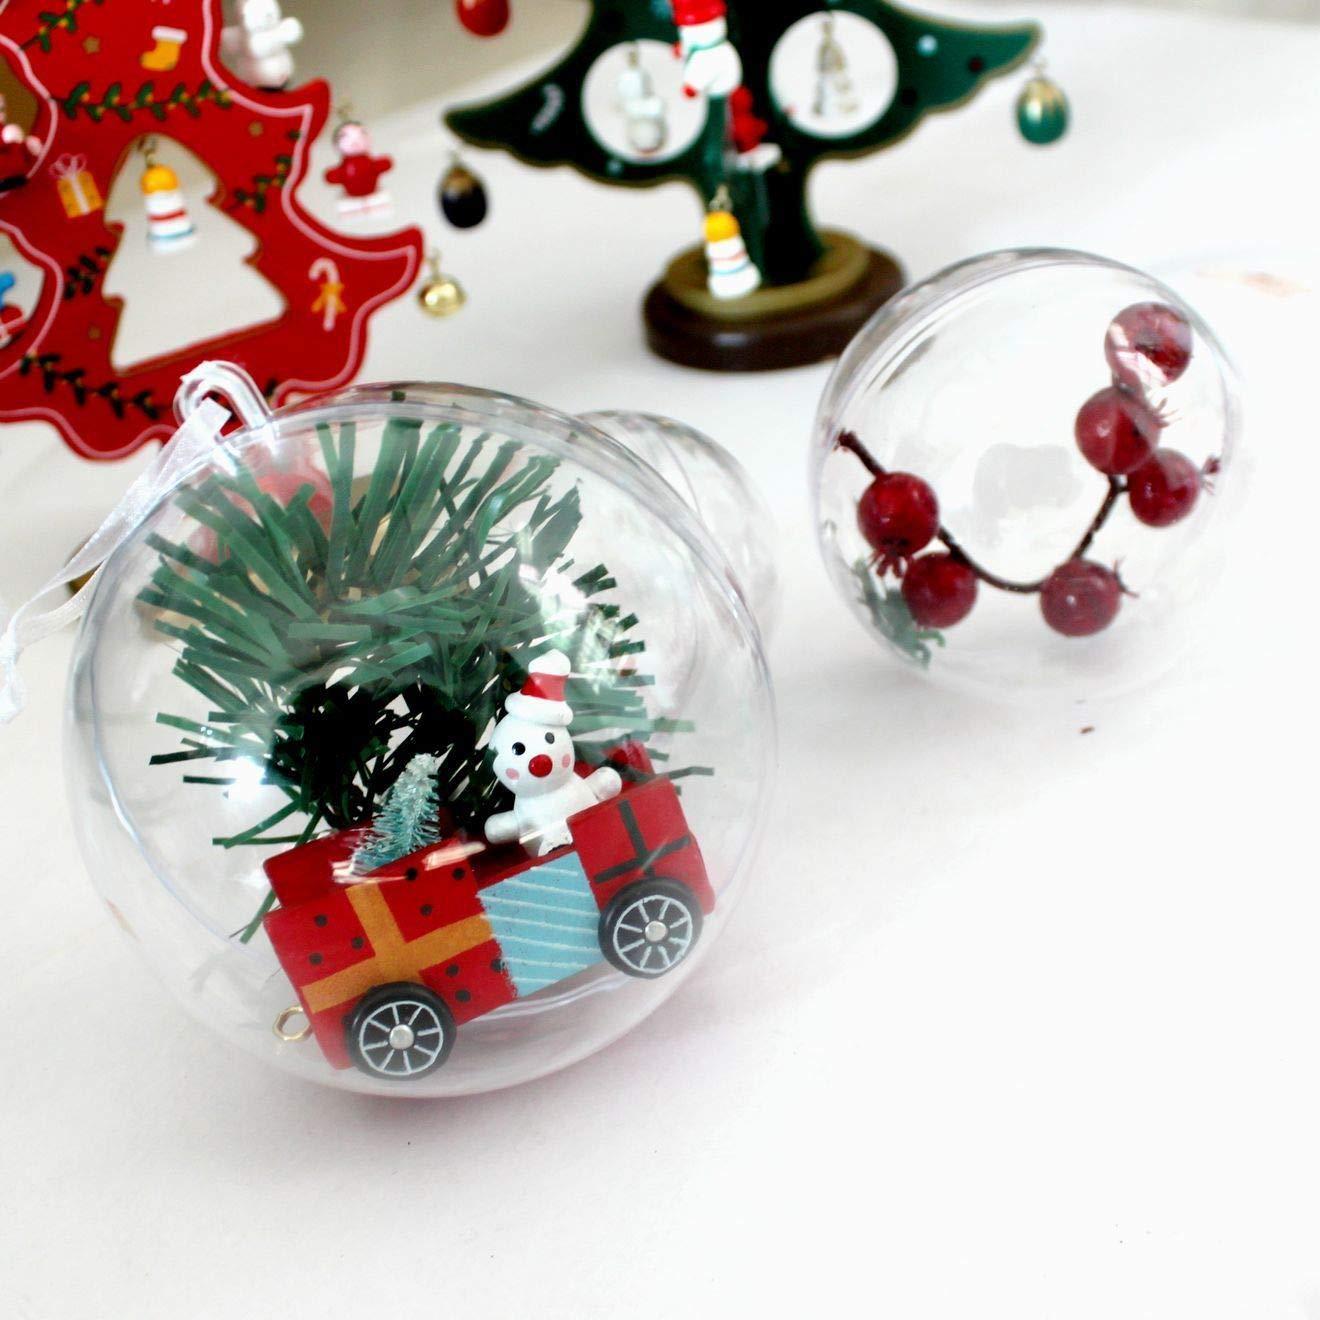 Shirylzee 12 Stück Acrylkugeln 8cm Durchmesser Transparente Kunstoff-Kugeln Acrylic Ball mit Aufhängeöse zum selbst befüllen befüllbare Weihnachtsbaumkugeln Weihnachten Ornament Party Dekoration Möbel & Wohnaccessoires